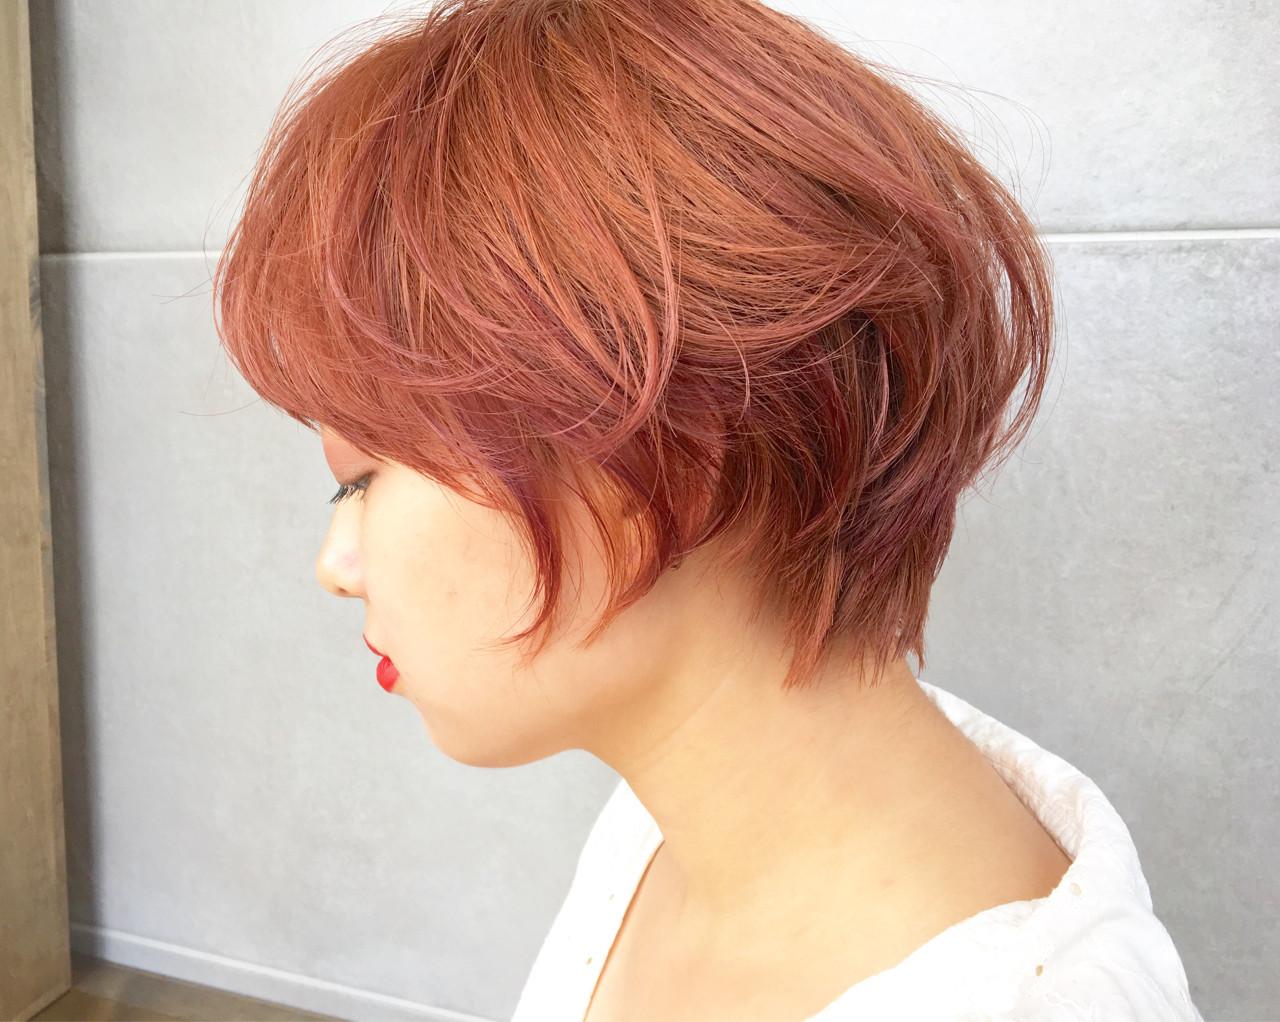 イルミナカラー ショート ハイトーン インナーカラー ヘアスタイルや髪型の写真・画像